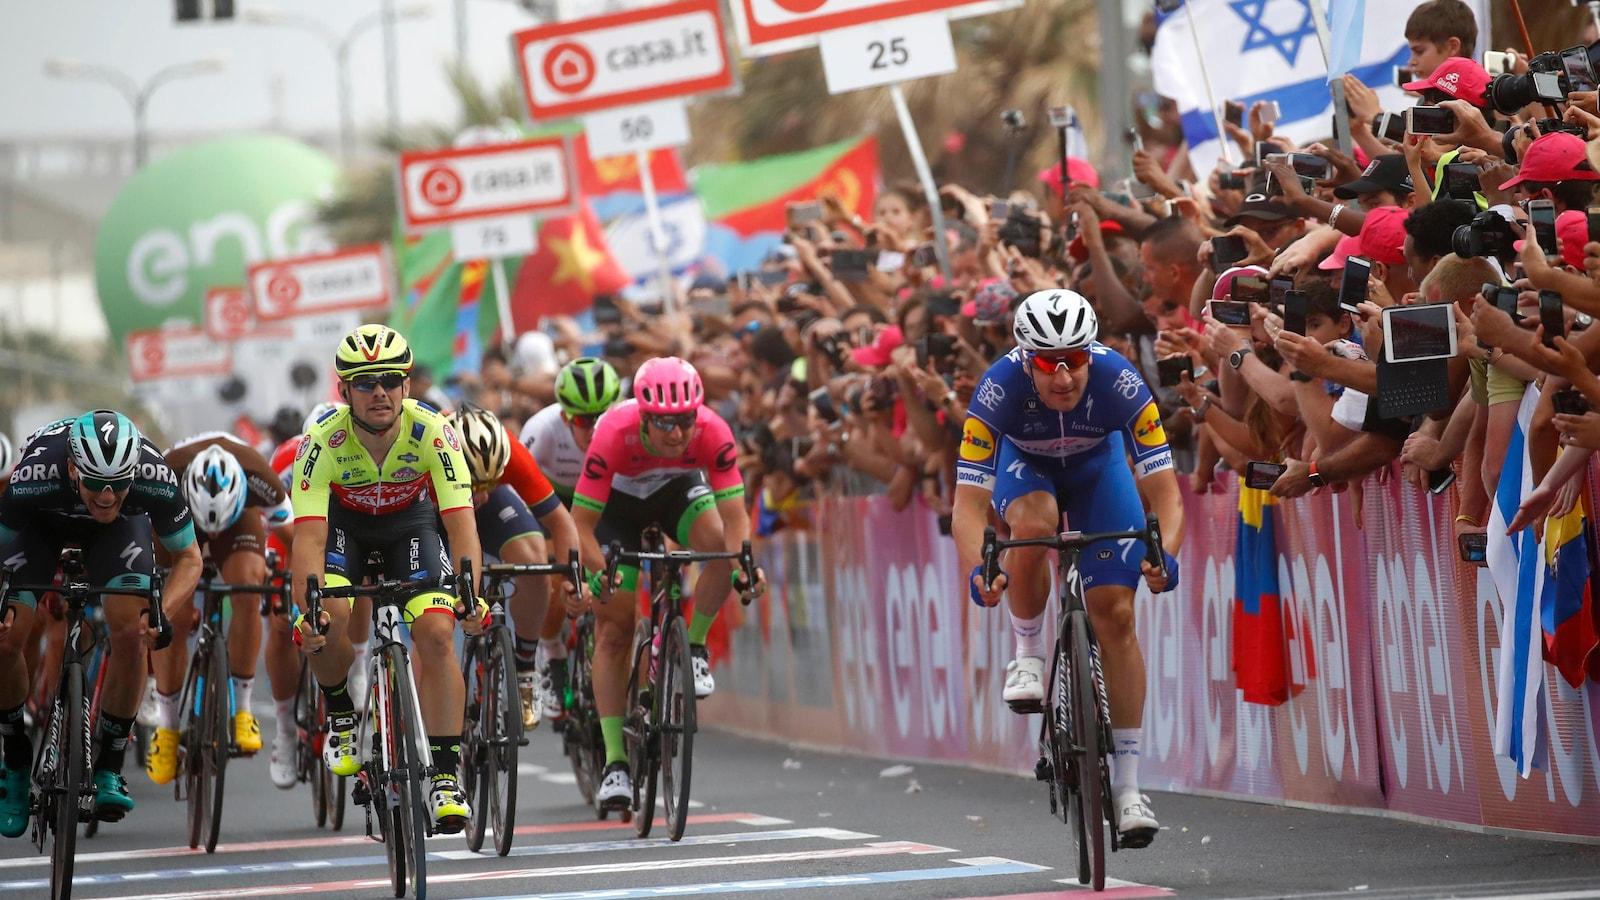 Elia Viviani, à droite, termine premier de la deuxième étape du Giro, une course de 167 kilomètres entre Haïfa et Tel Aviv.